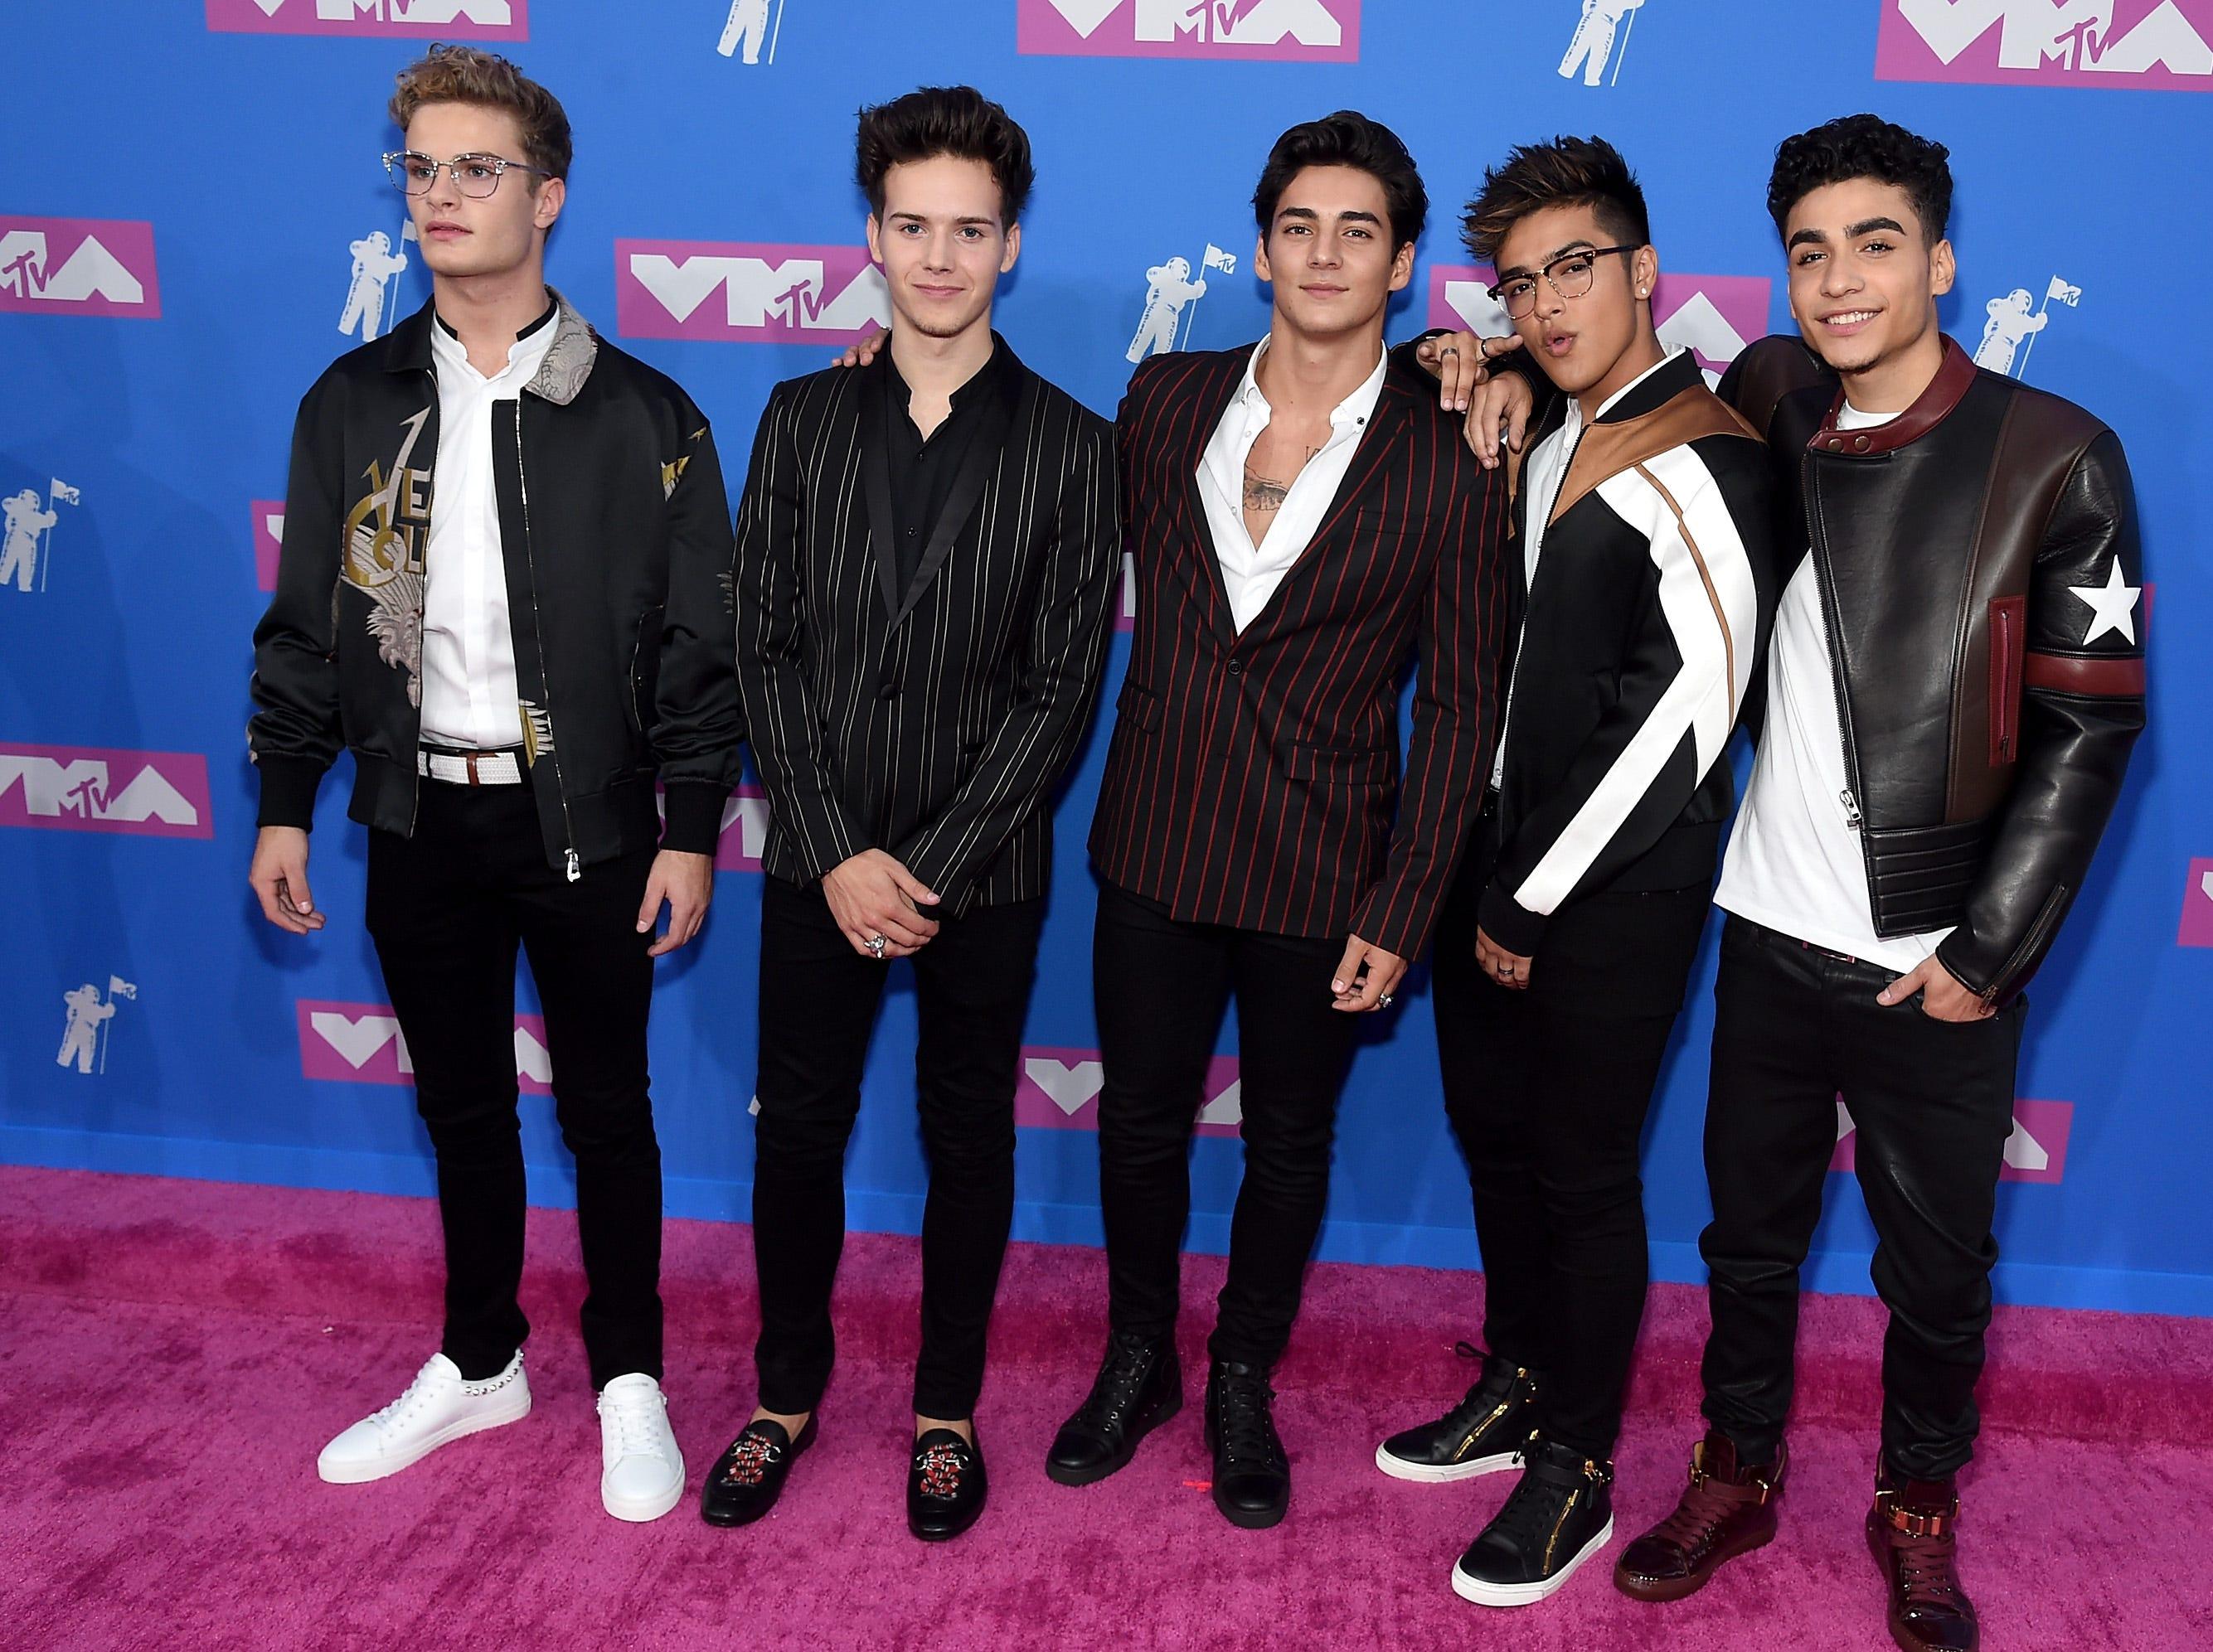 Brady Tutton, Drew Ramos, Chance Pérez, Sergio Calderón y Michael Conor de In Real Life asisten a los MTV Video Music Awards 2018 en el Radio City Music Hall el 20 de agosto de 2018 en la ciudad de Nueva York.